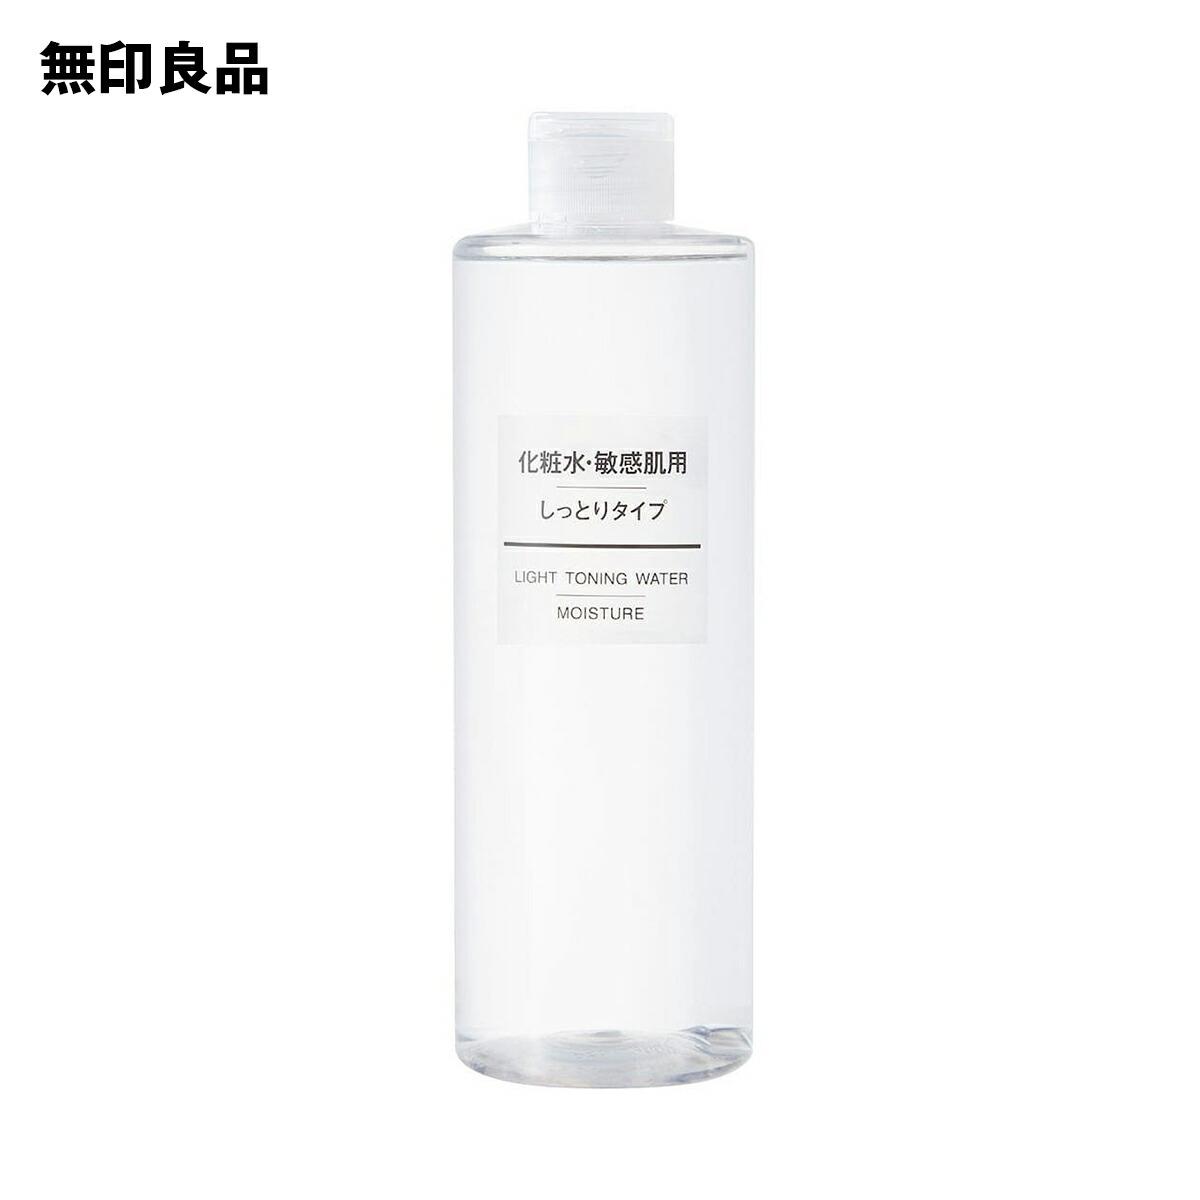 化粧水・敏感肌用・しっとりタイプ(大容量)400ml